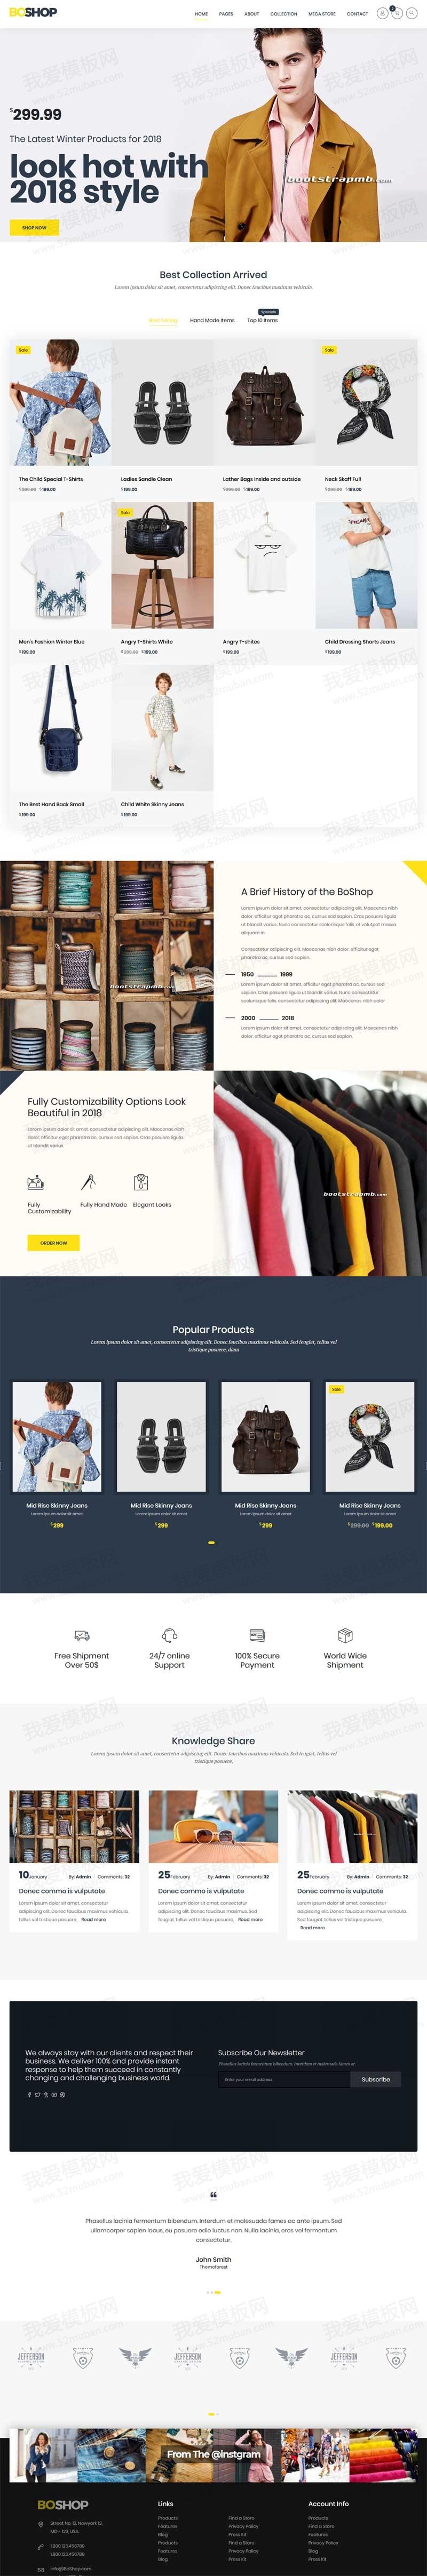 服装包包电子商务网站HTML5模板